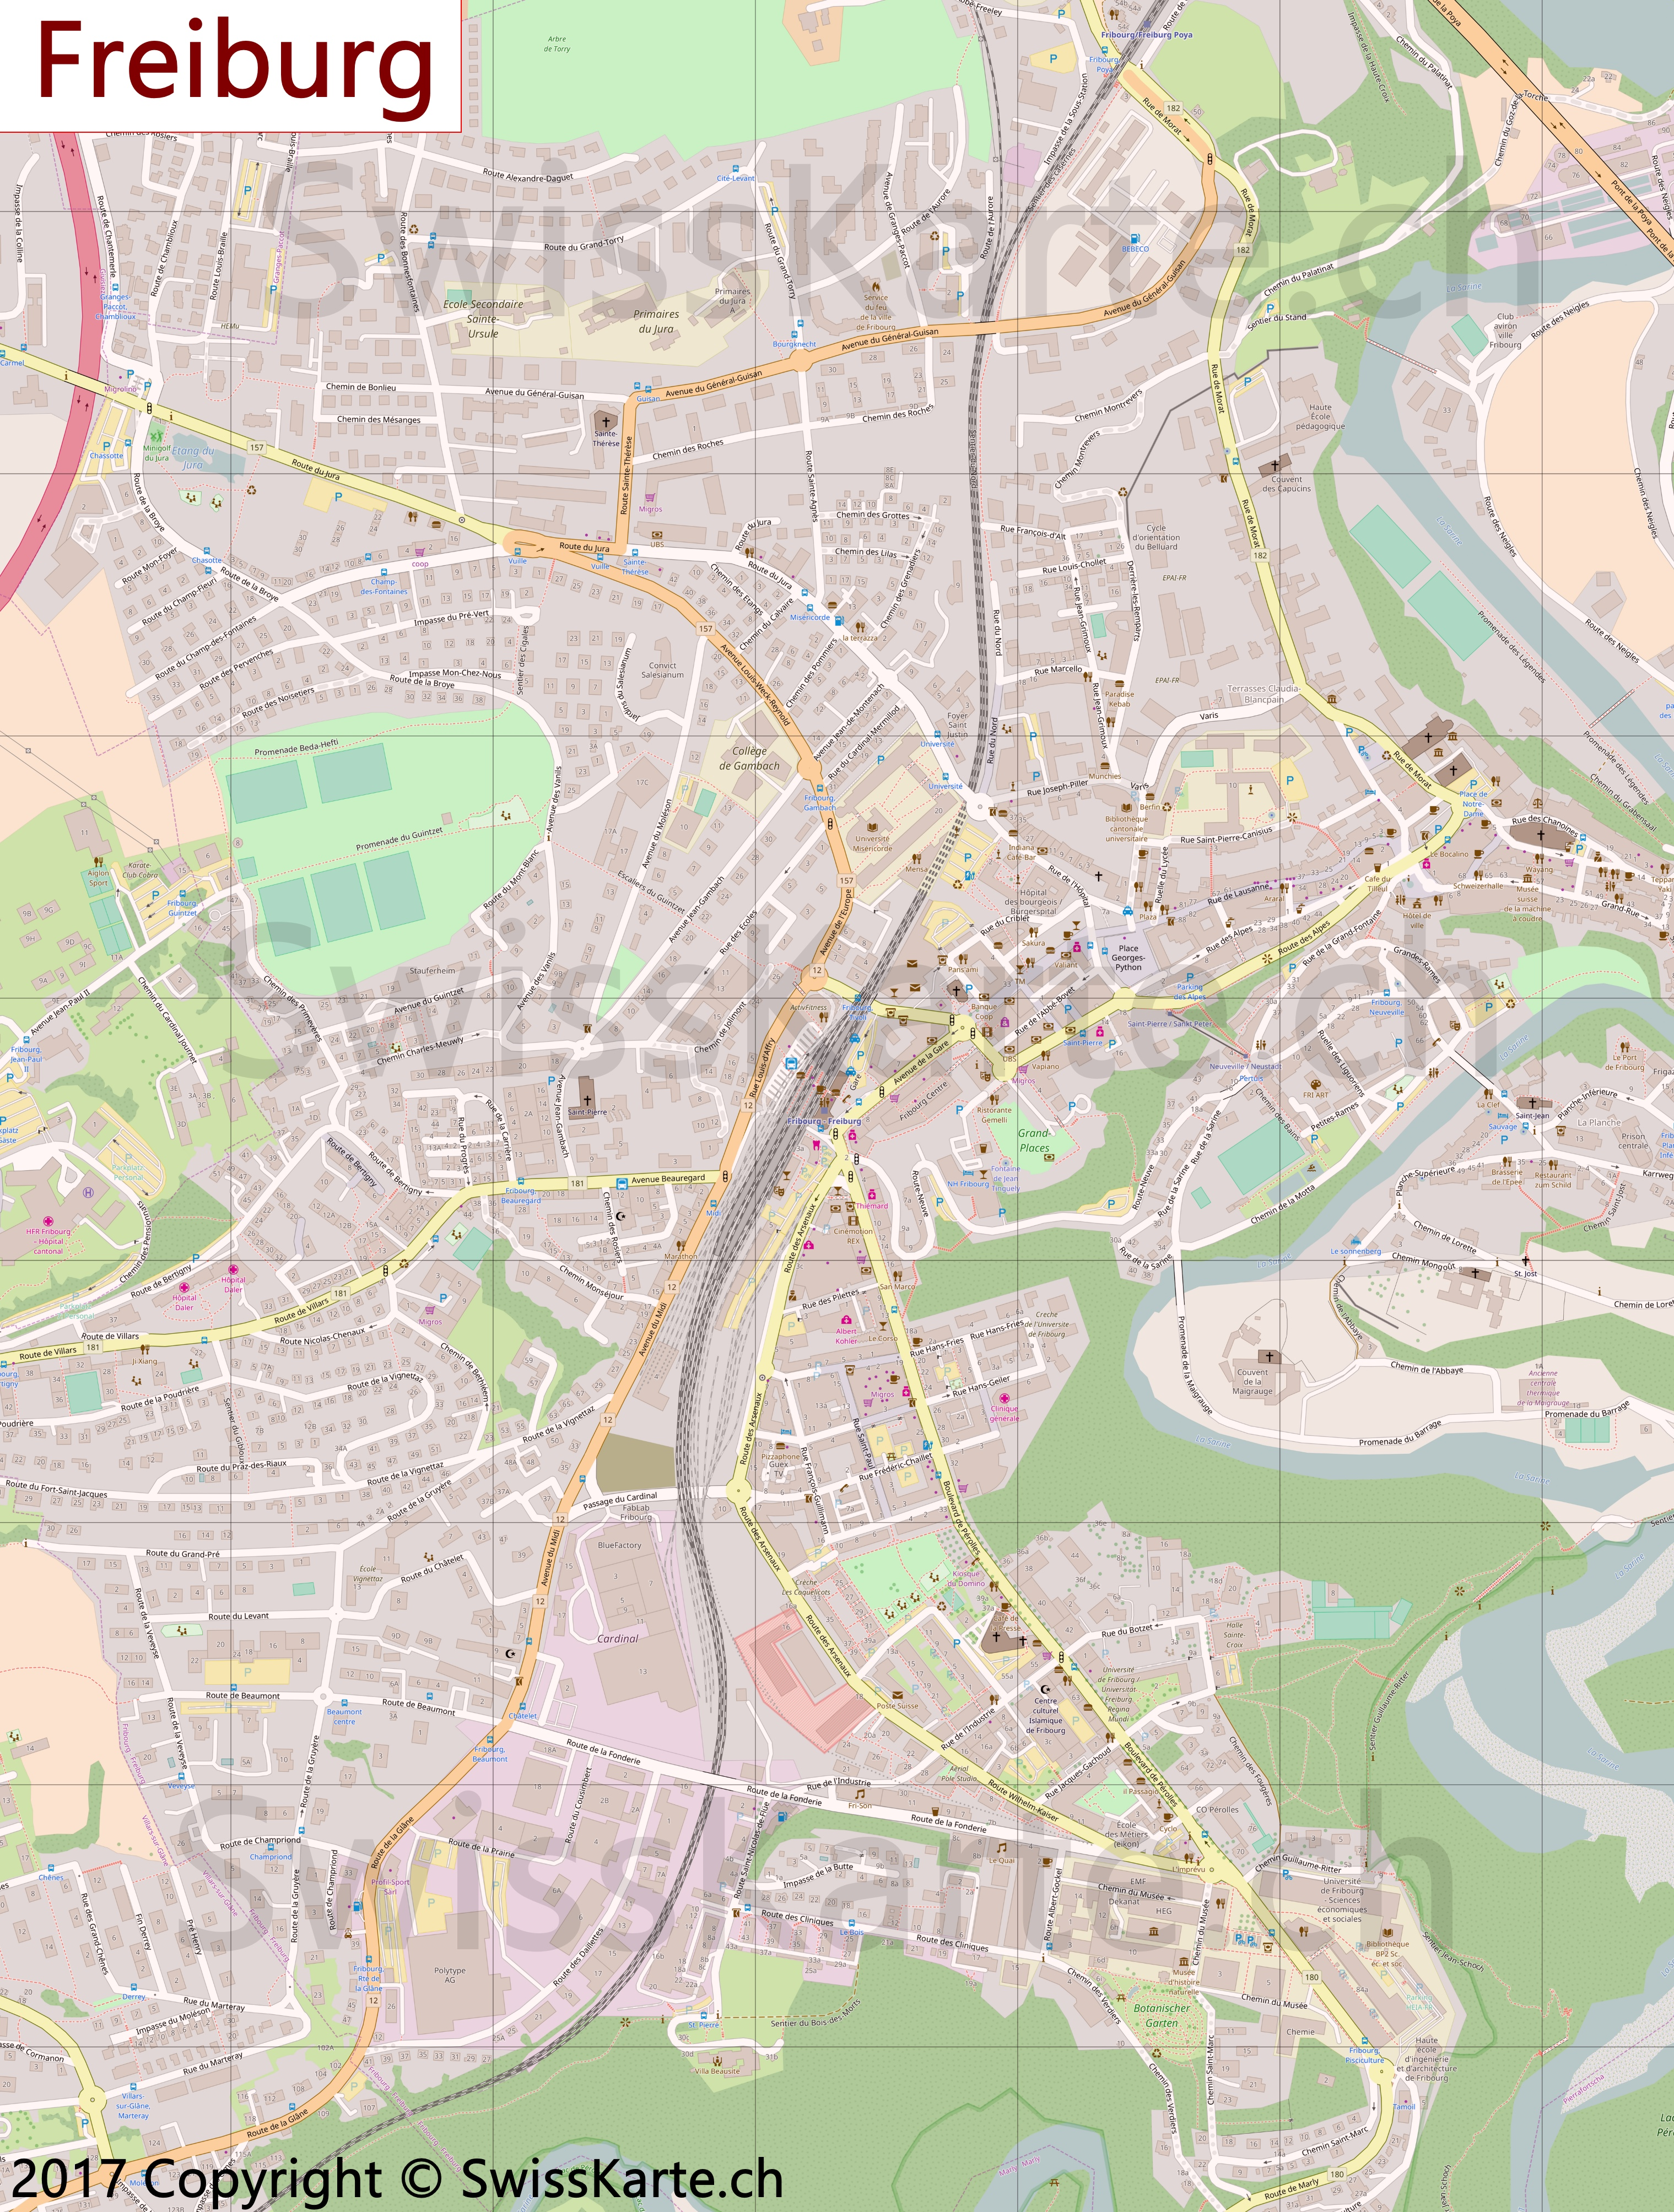 Freiburg Karte.Stadtplan Freiburg Swisskarte Ch